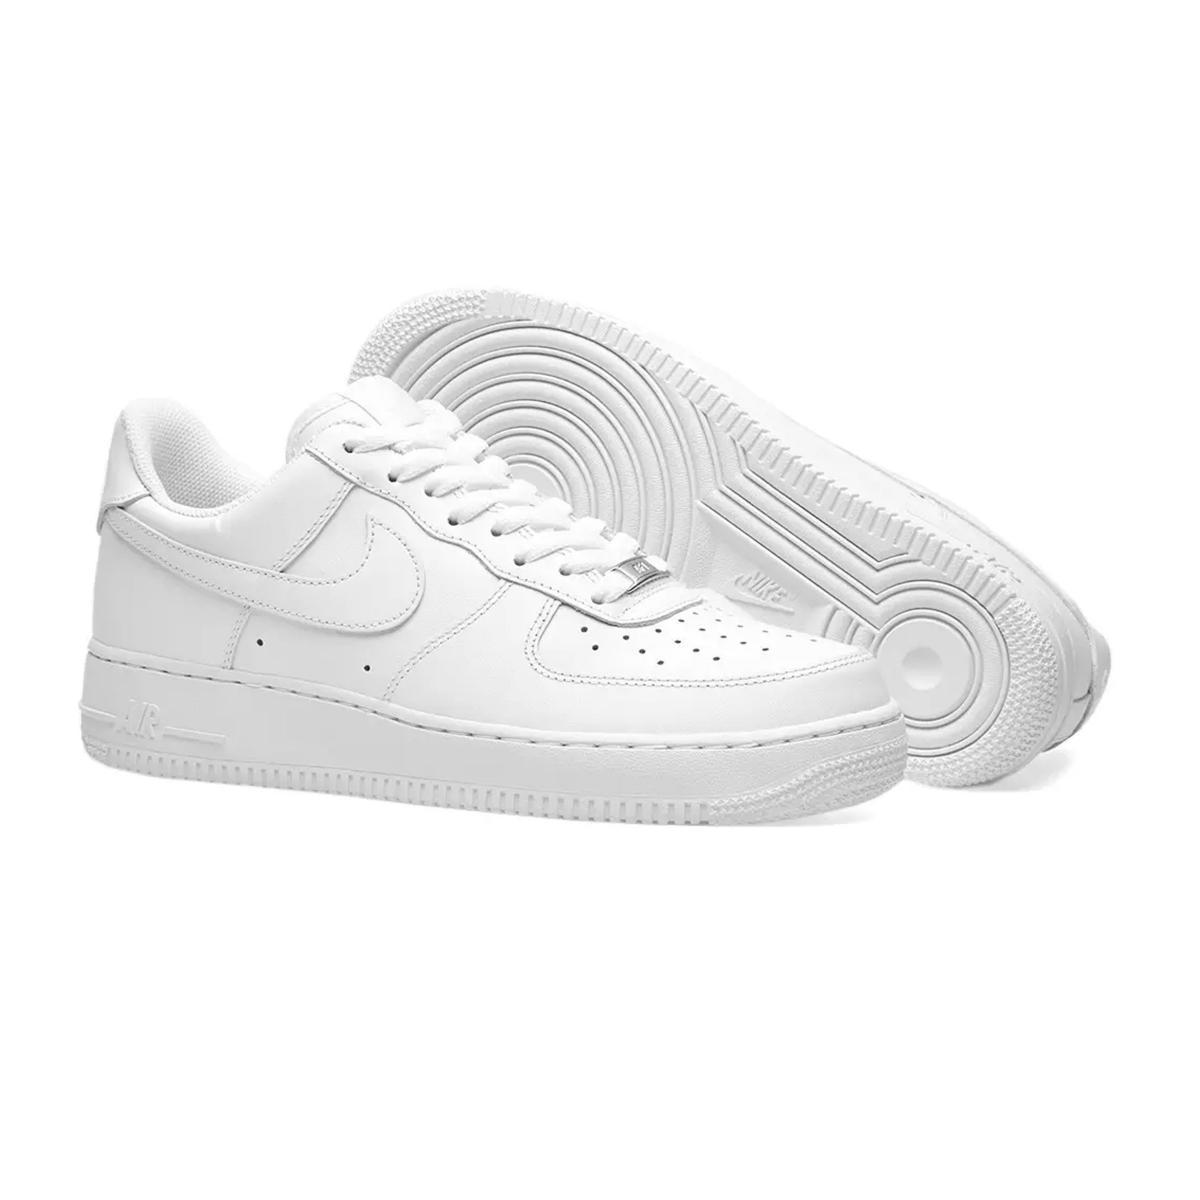 Scarpe Nike Air Force 1 '07 - Uomo 315122-111